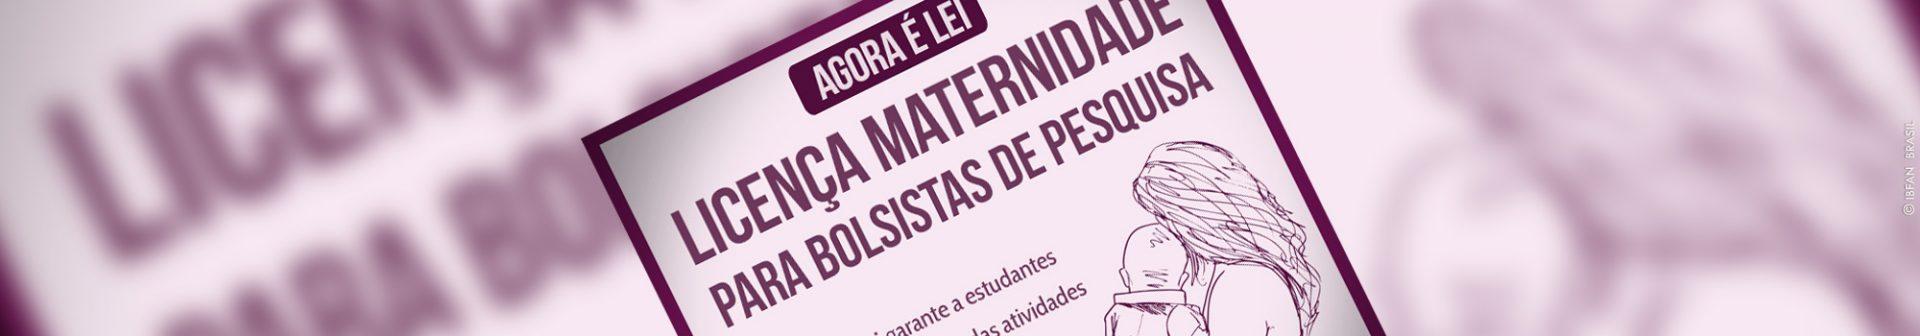 Sancionada lei que dá direito a afastamento por maternidade para bolsistas de pesquisa